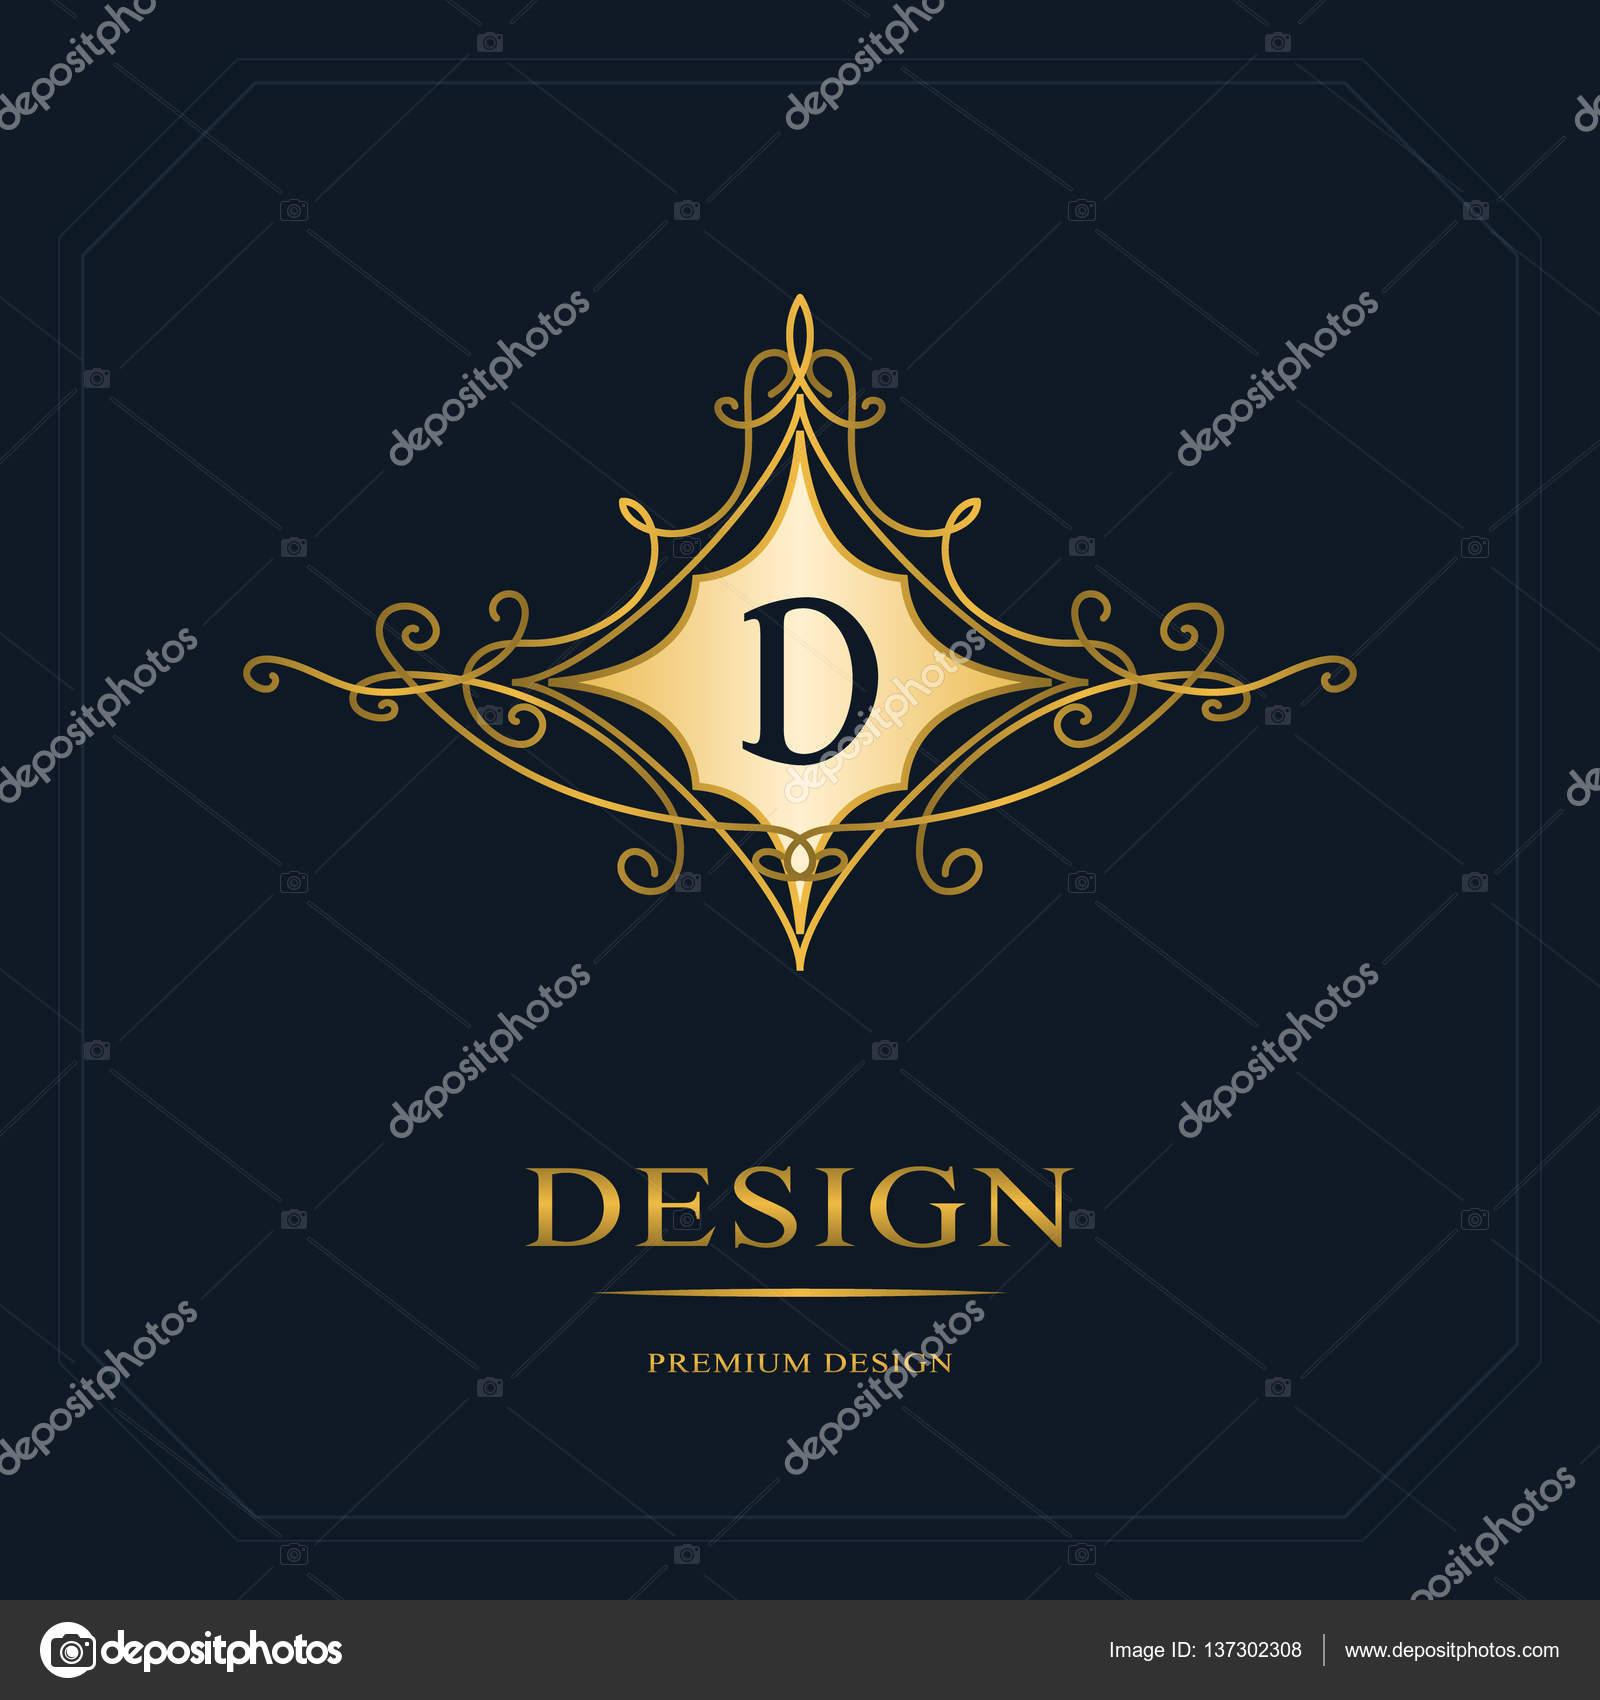 Cration De Logo Dart Calligraphique Ligne Lgante Lettre Signe Emblme D La Royaut Carte Visite Boutique Htel Hraldique Bijoux